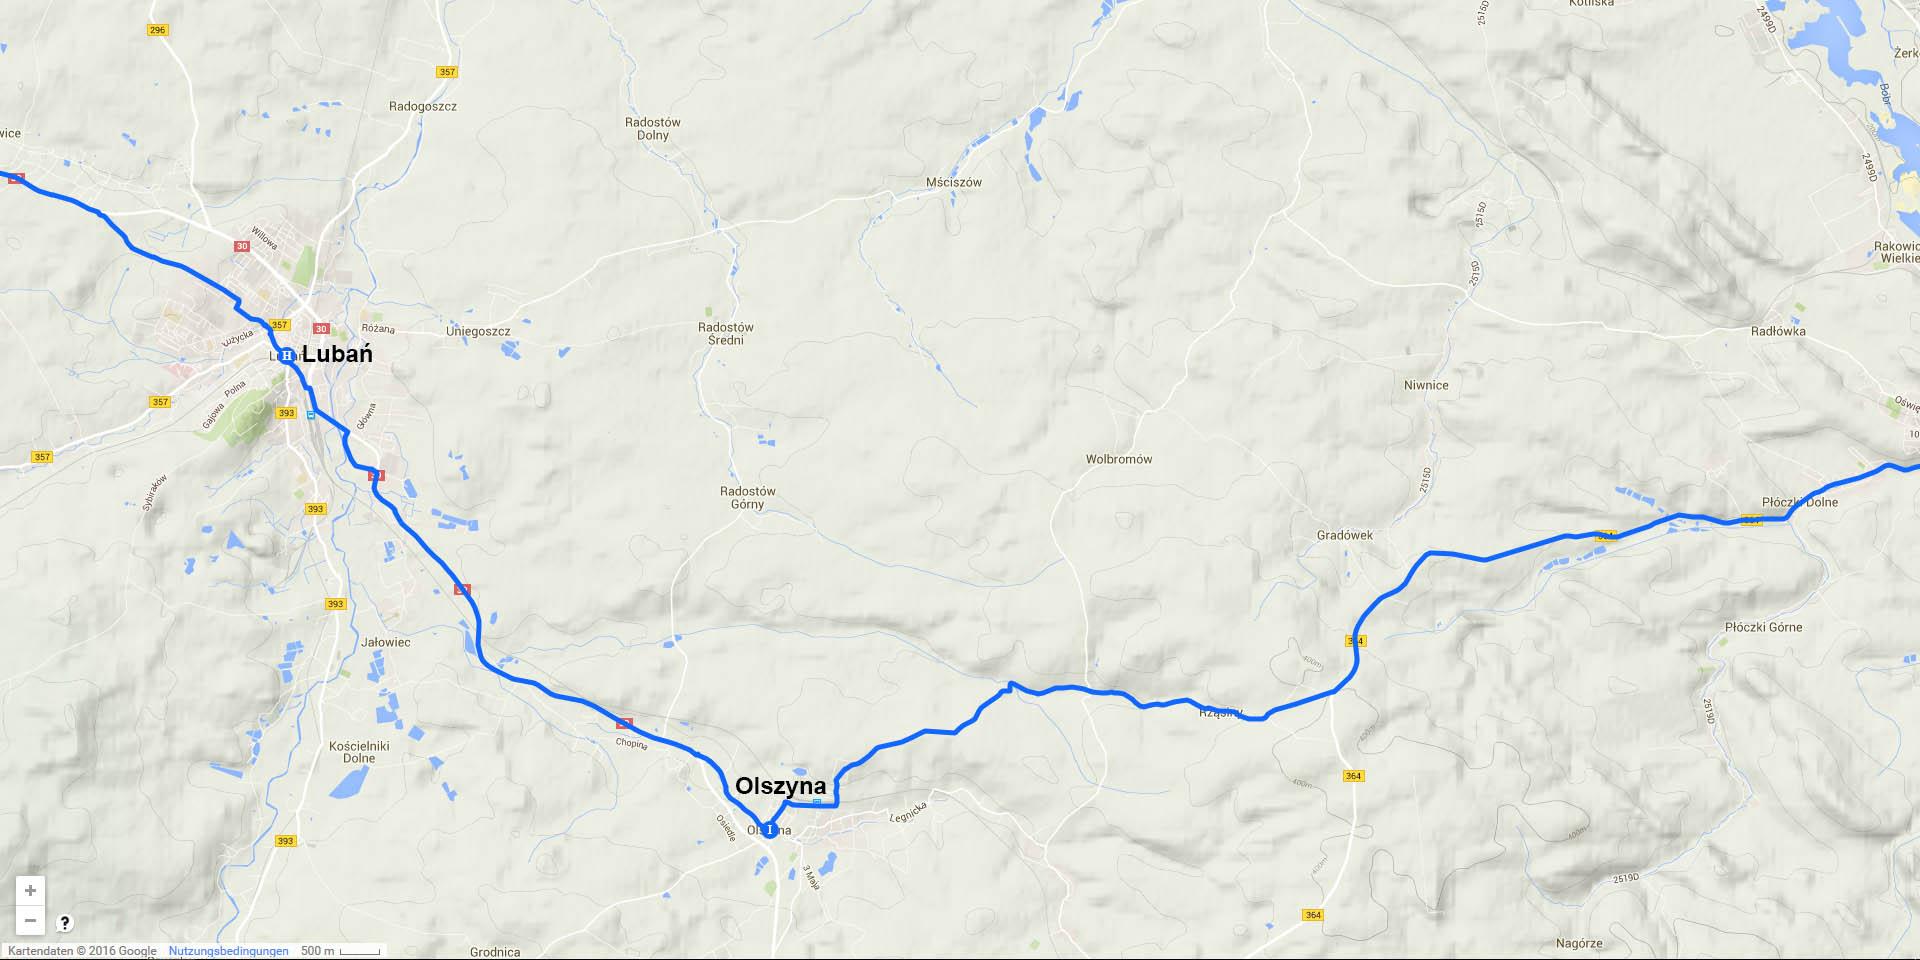 Die Tagesstrecke von Lubań nach Olszyna (11 km)